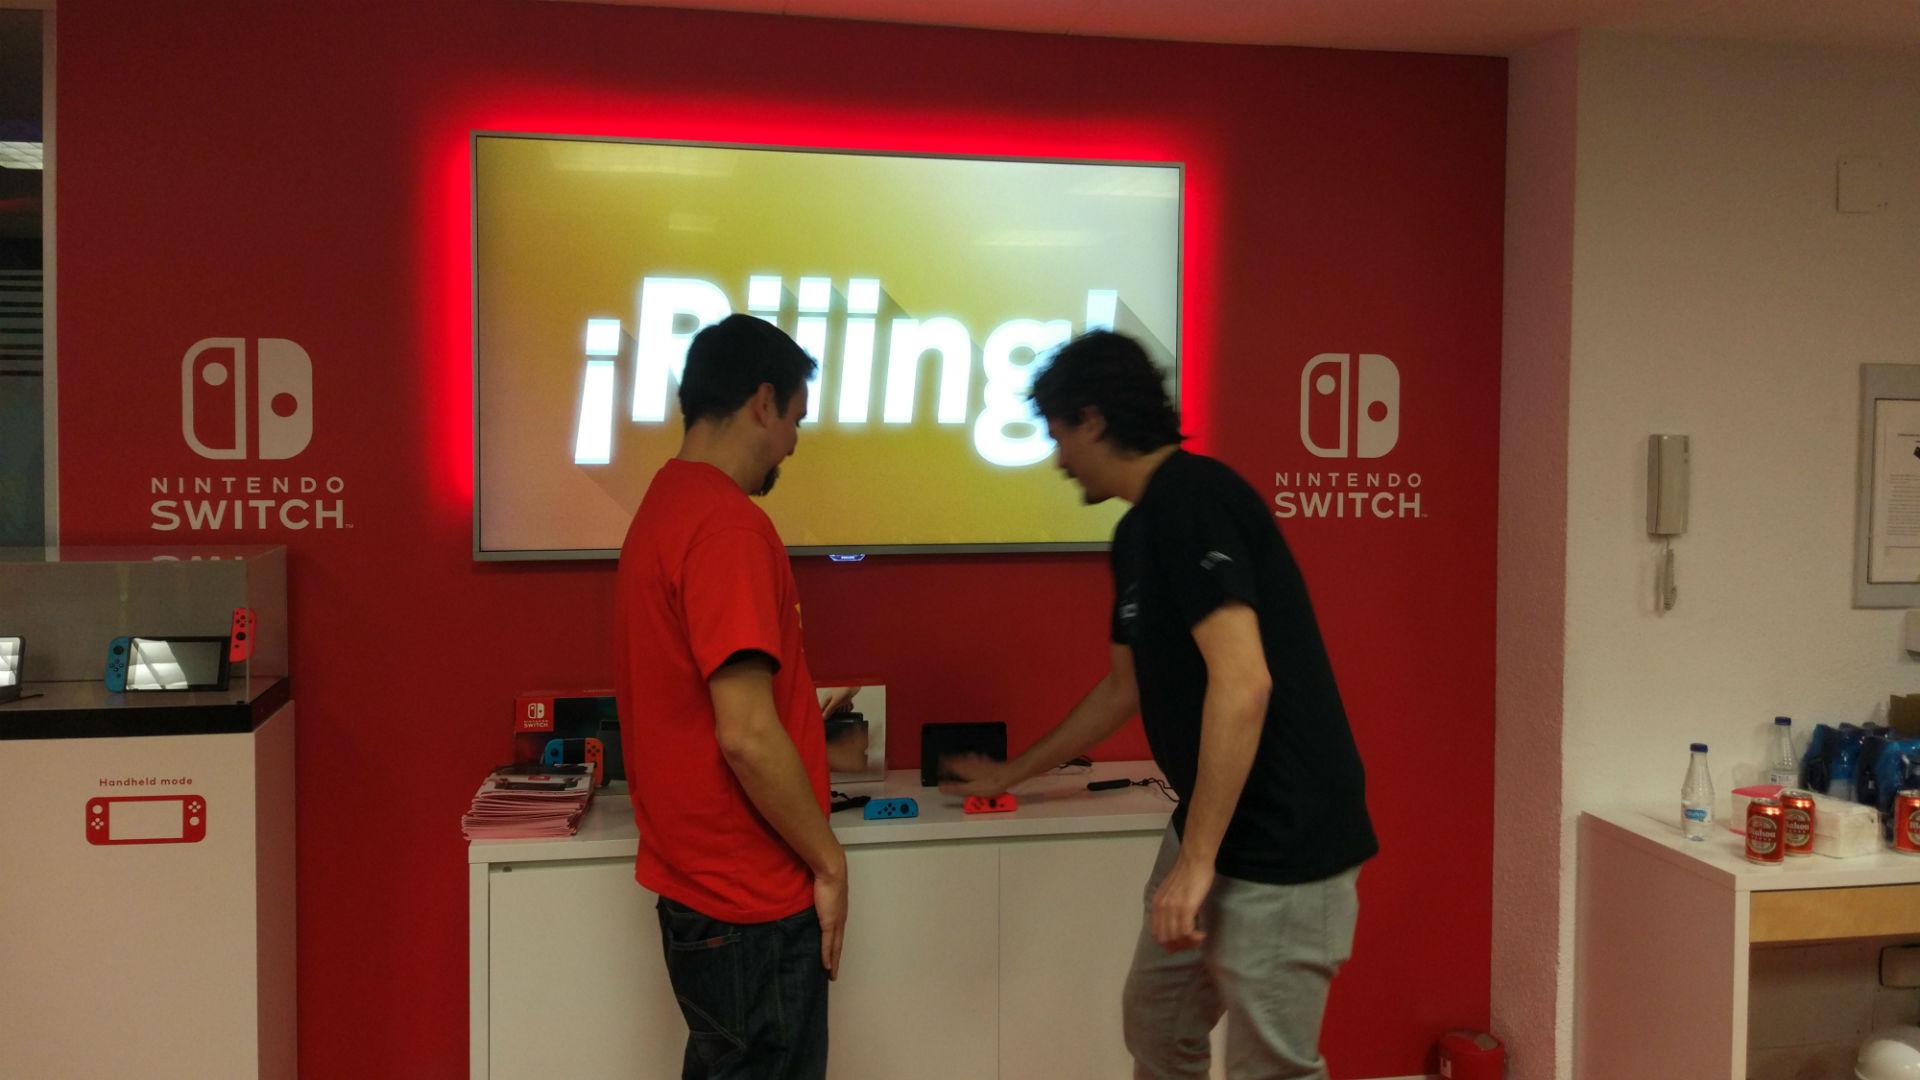 1 2 Switch Impresiones Del Juego Social Para Nintendo Switch